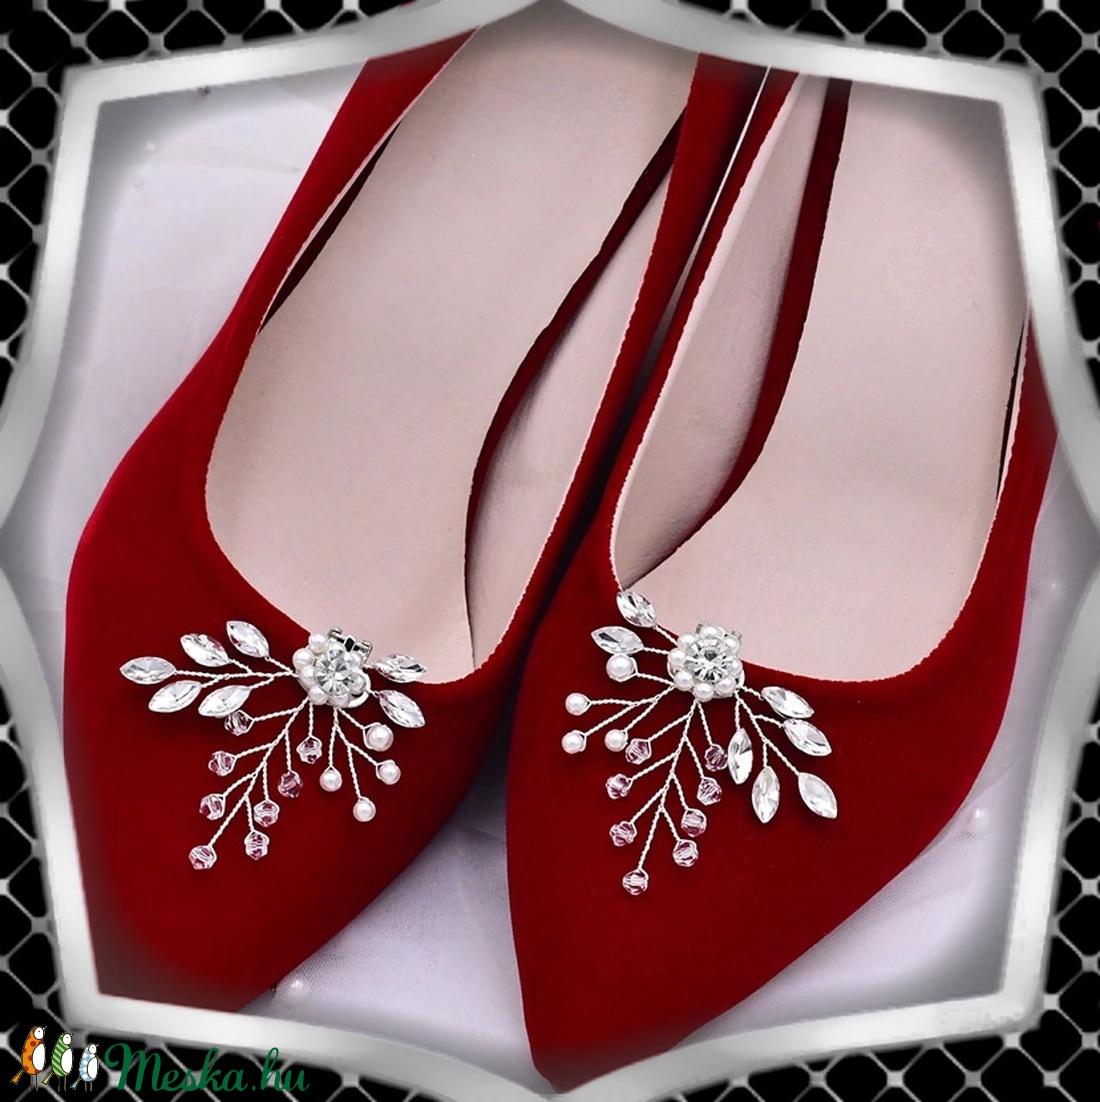 Esküvői, menyasszonyi, alkalmi cipődísz, cipőklipsz ES-CK21 - esküvő - cipő és cipőklipsz - Meska.hu